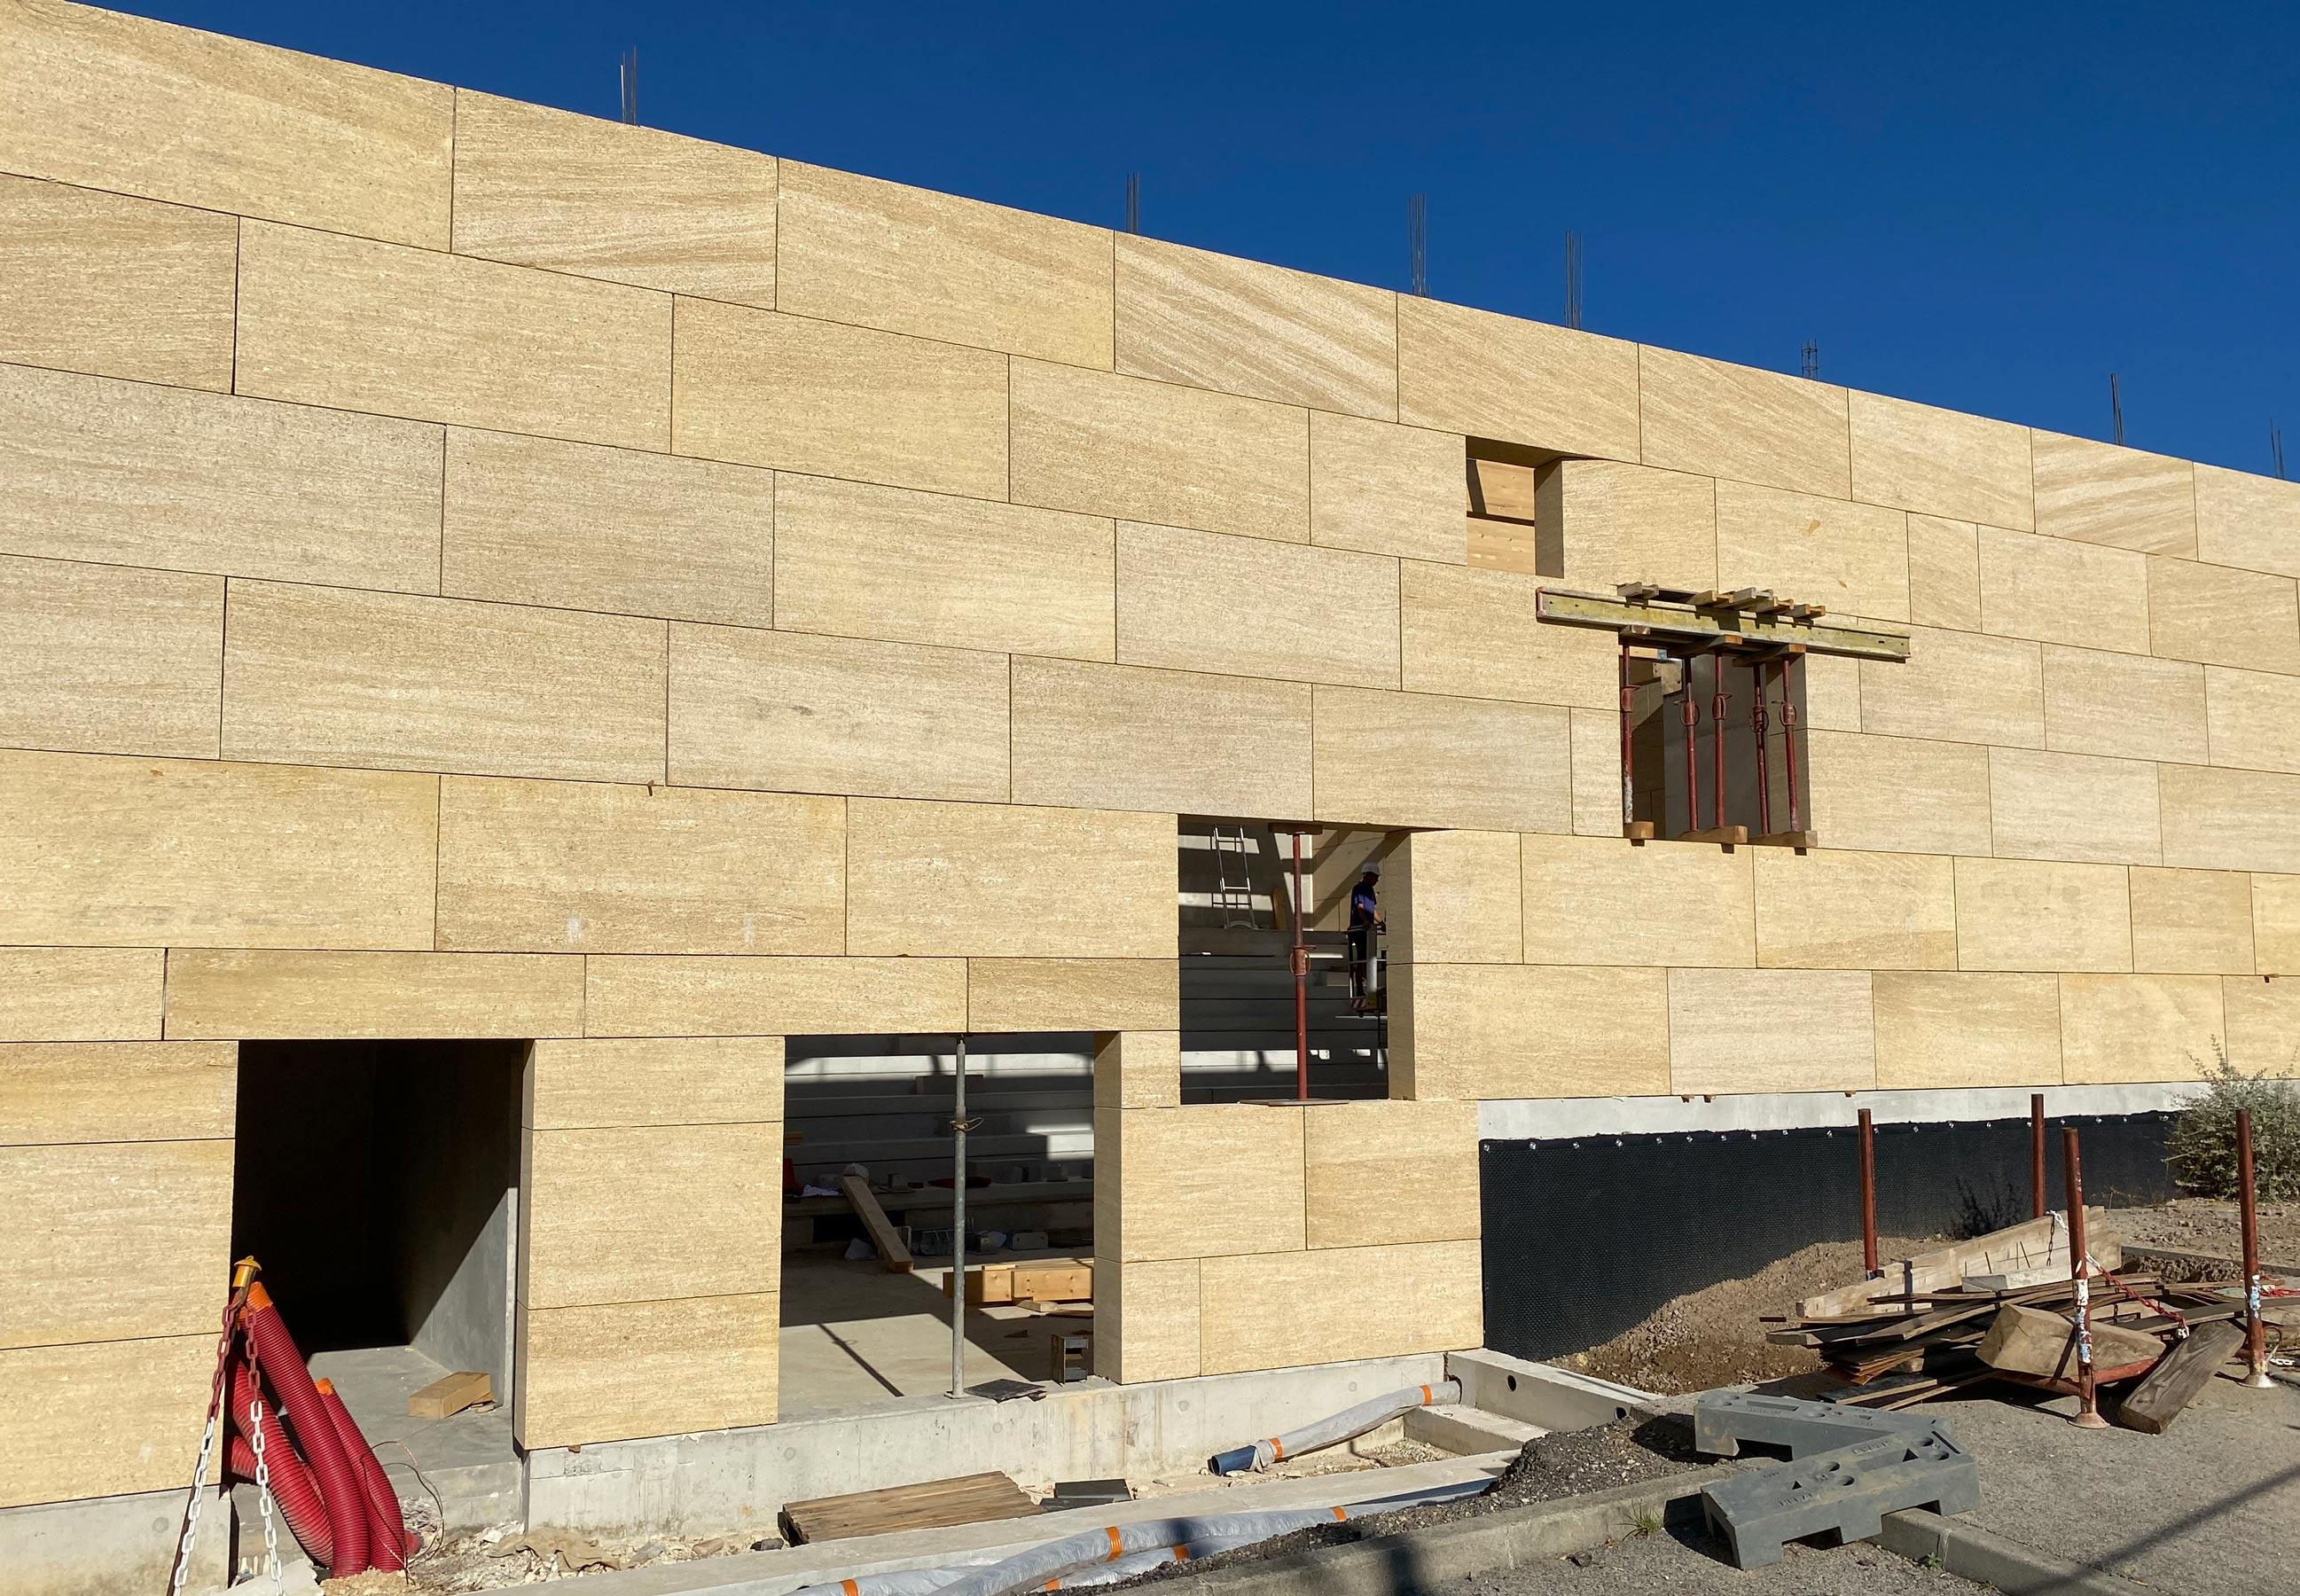 groupe scolaire_Rousson_photo de chantier